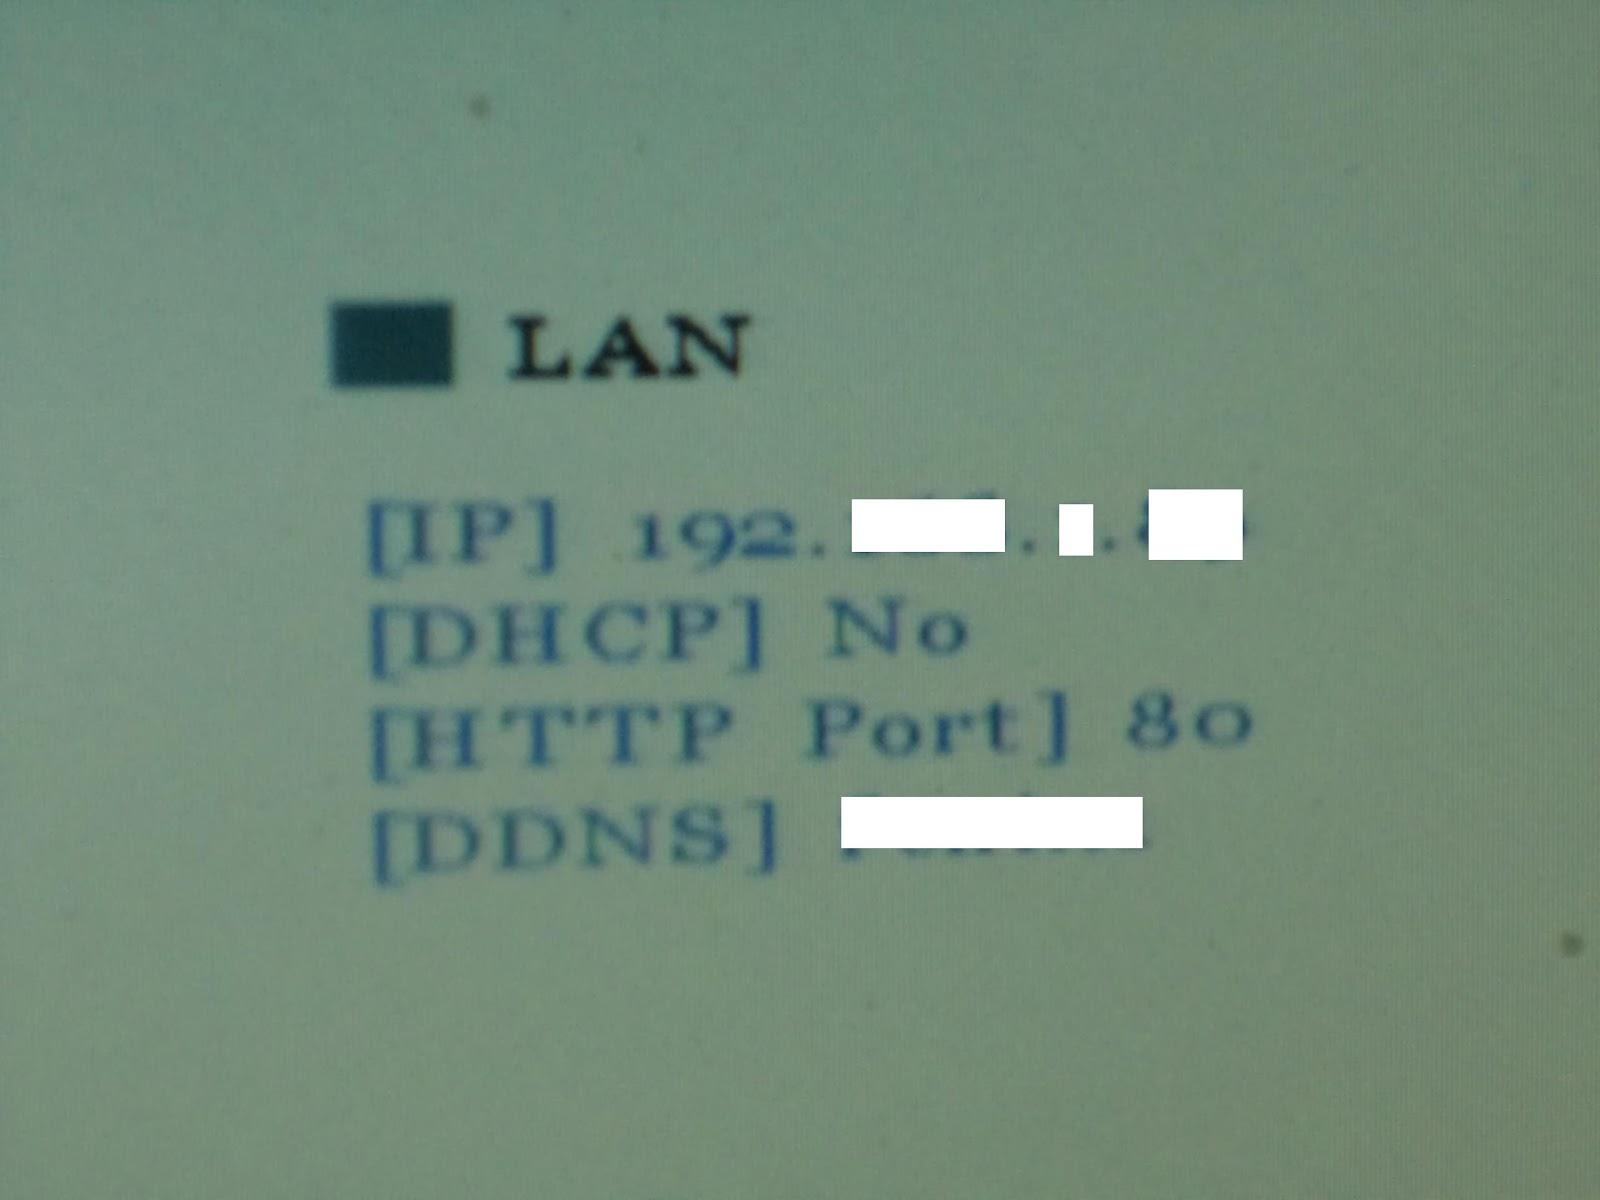 entrar a una pc por medio de la ip: